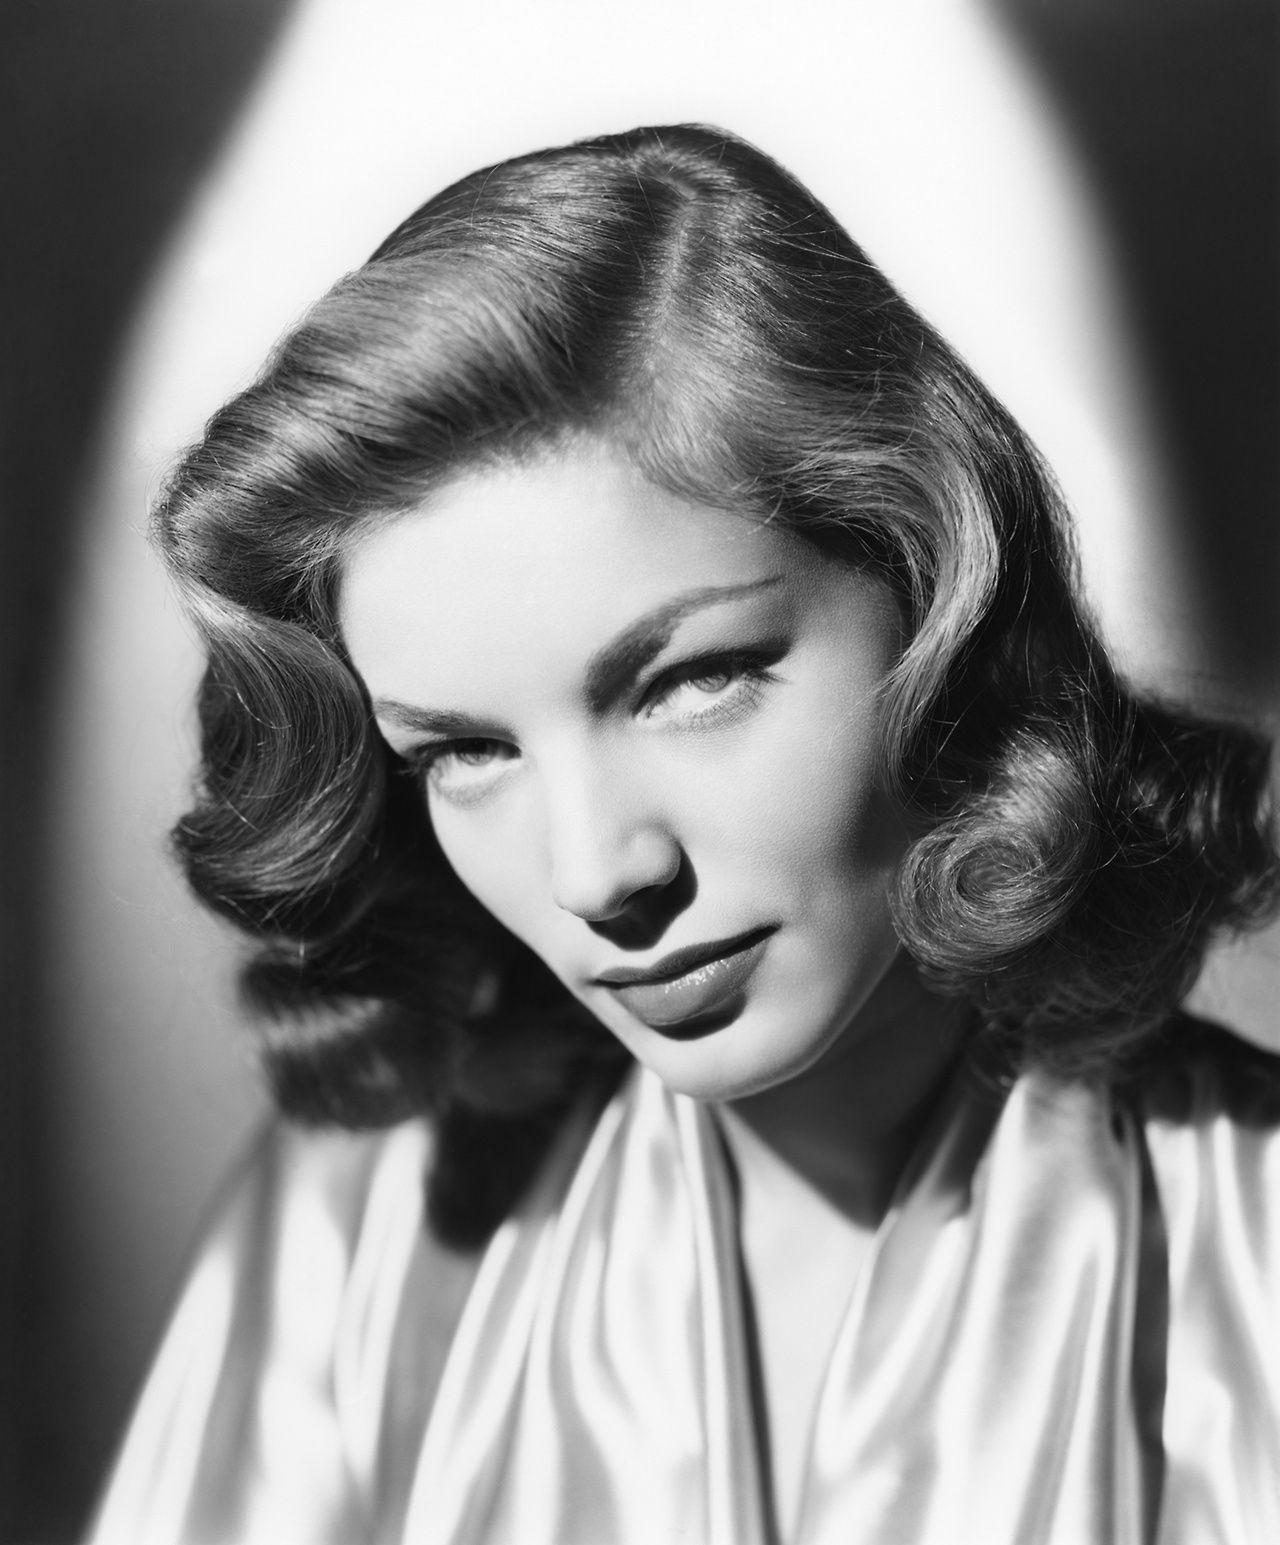 Lauren Bacall, 1924—2014